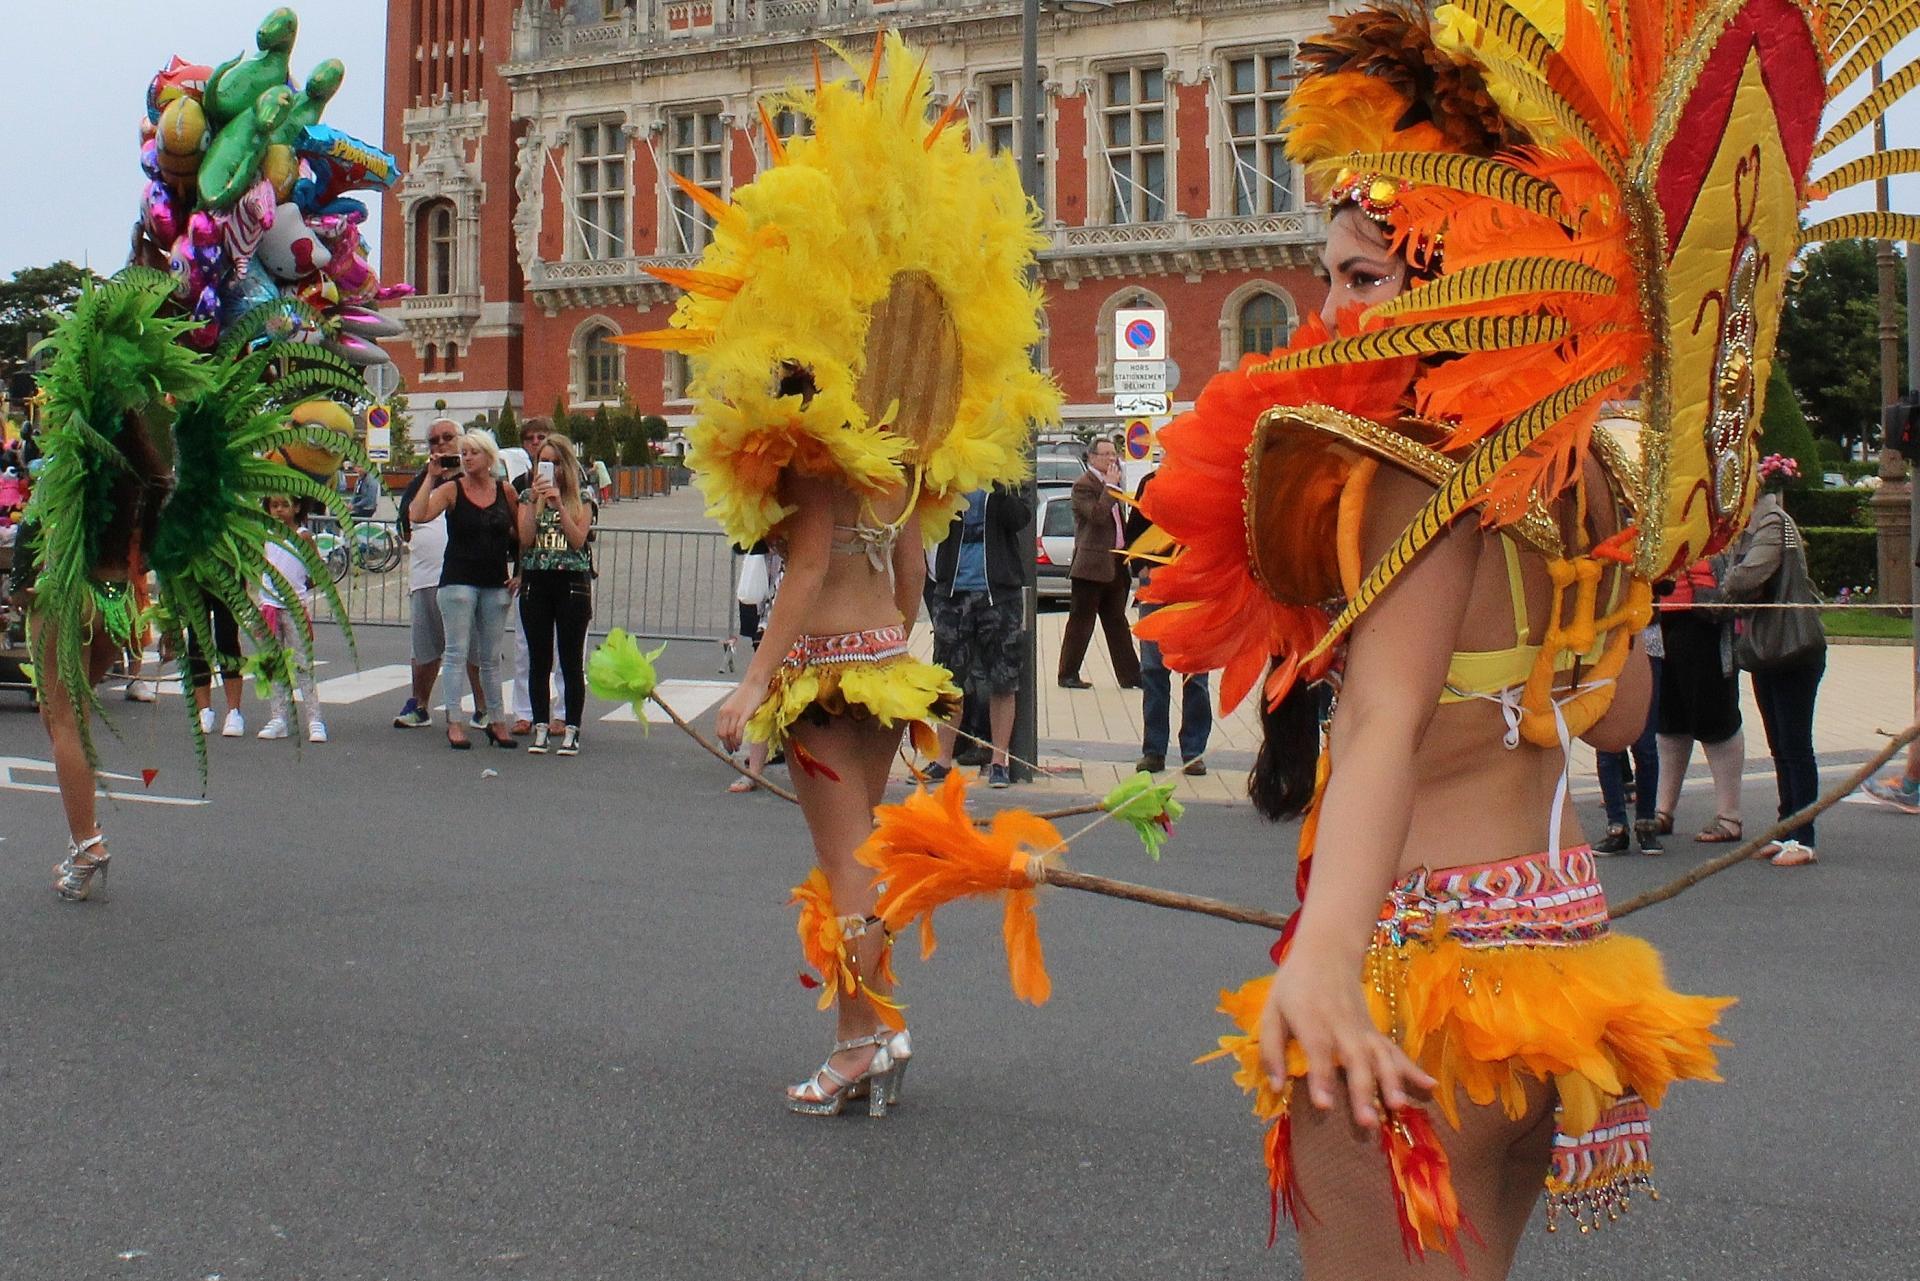 Grande parade musicale de calais anime l ete 24